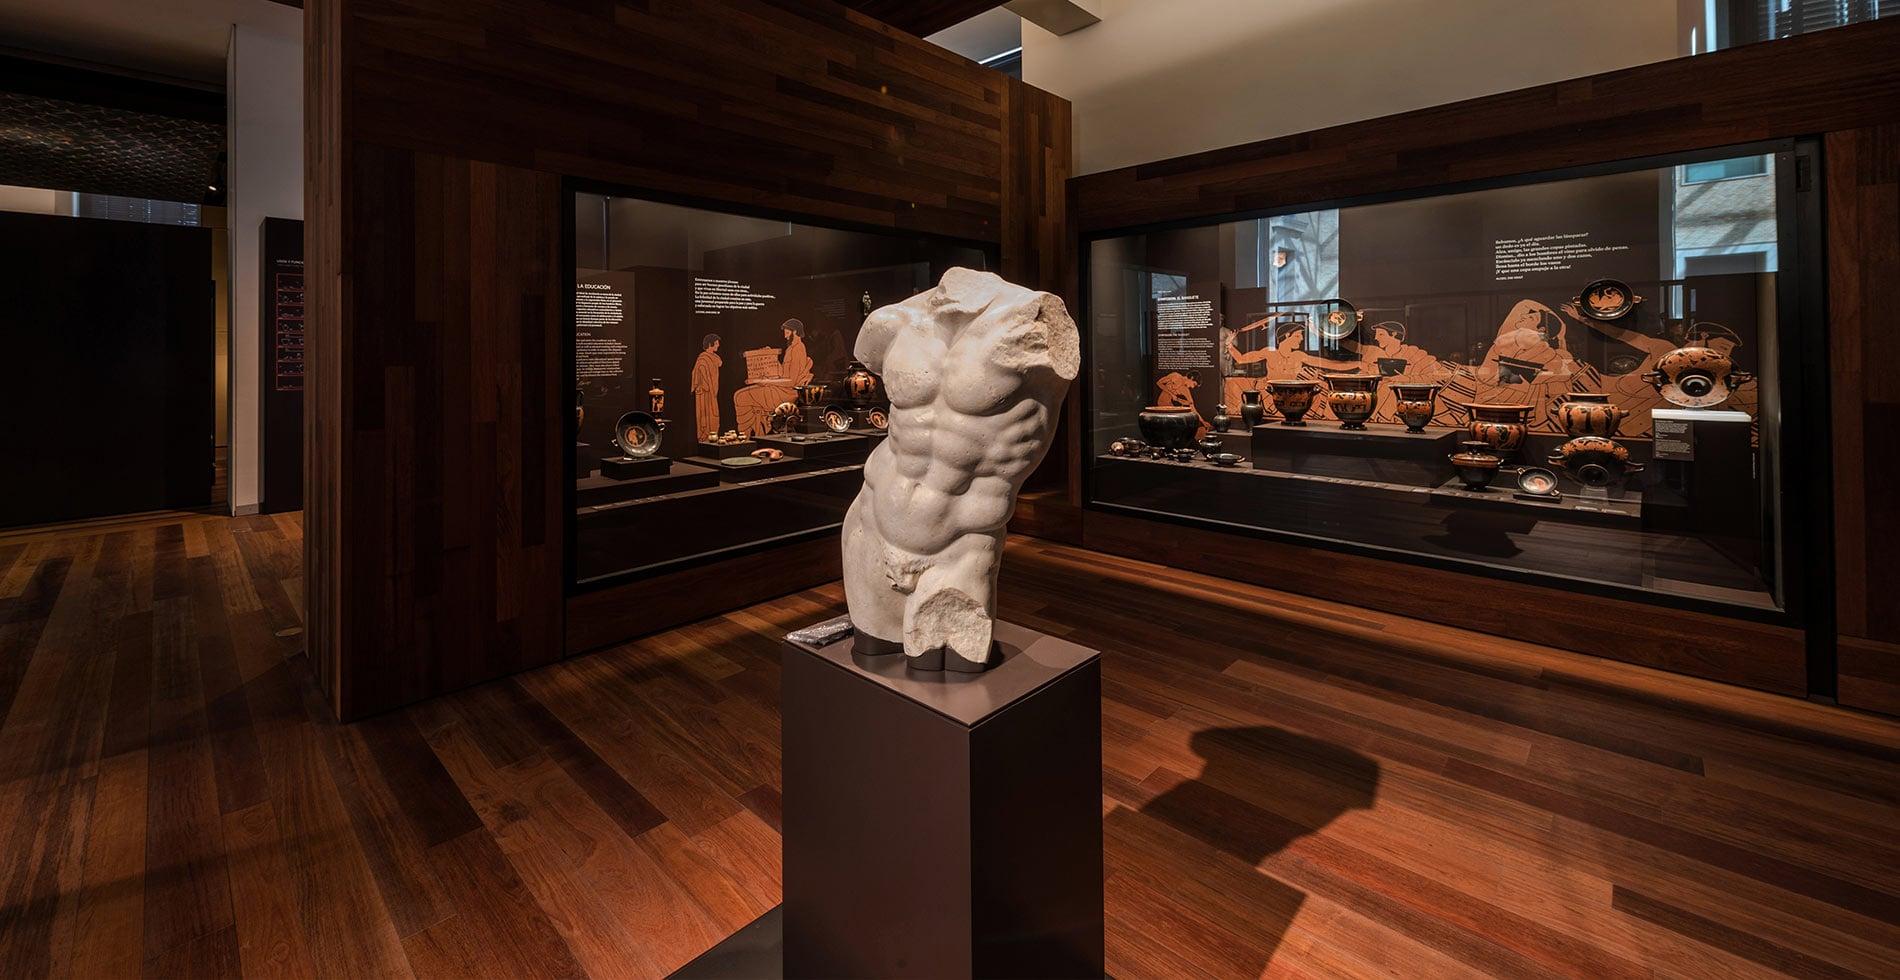 Rehabilitación sostenible: la innovación entra en los museos